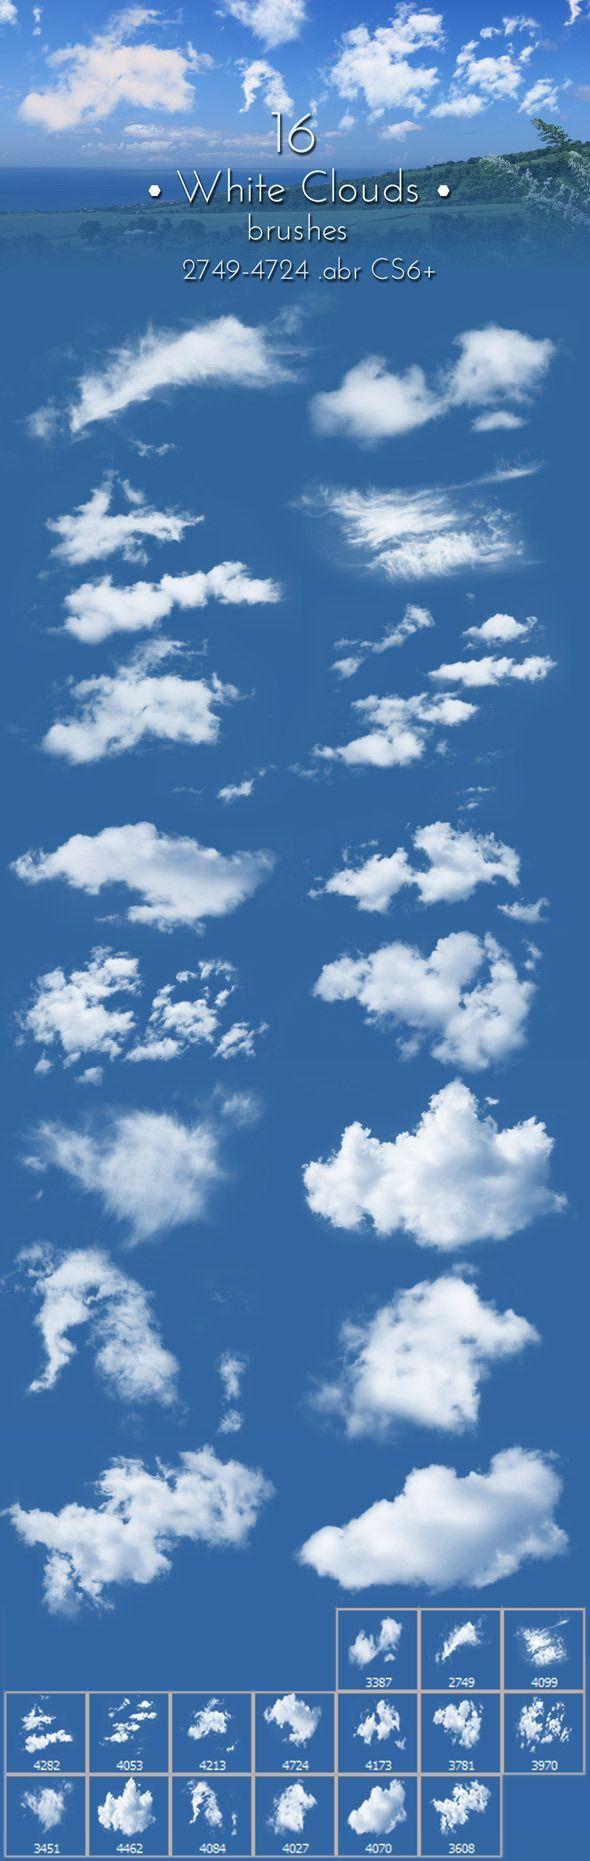 White Clouds Brushes - Brushes Photoshop